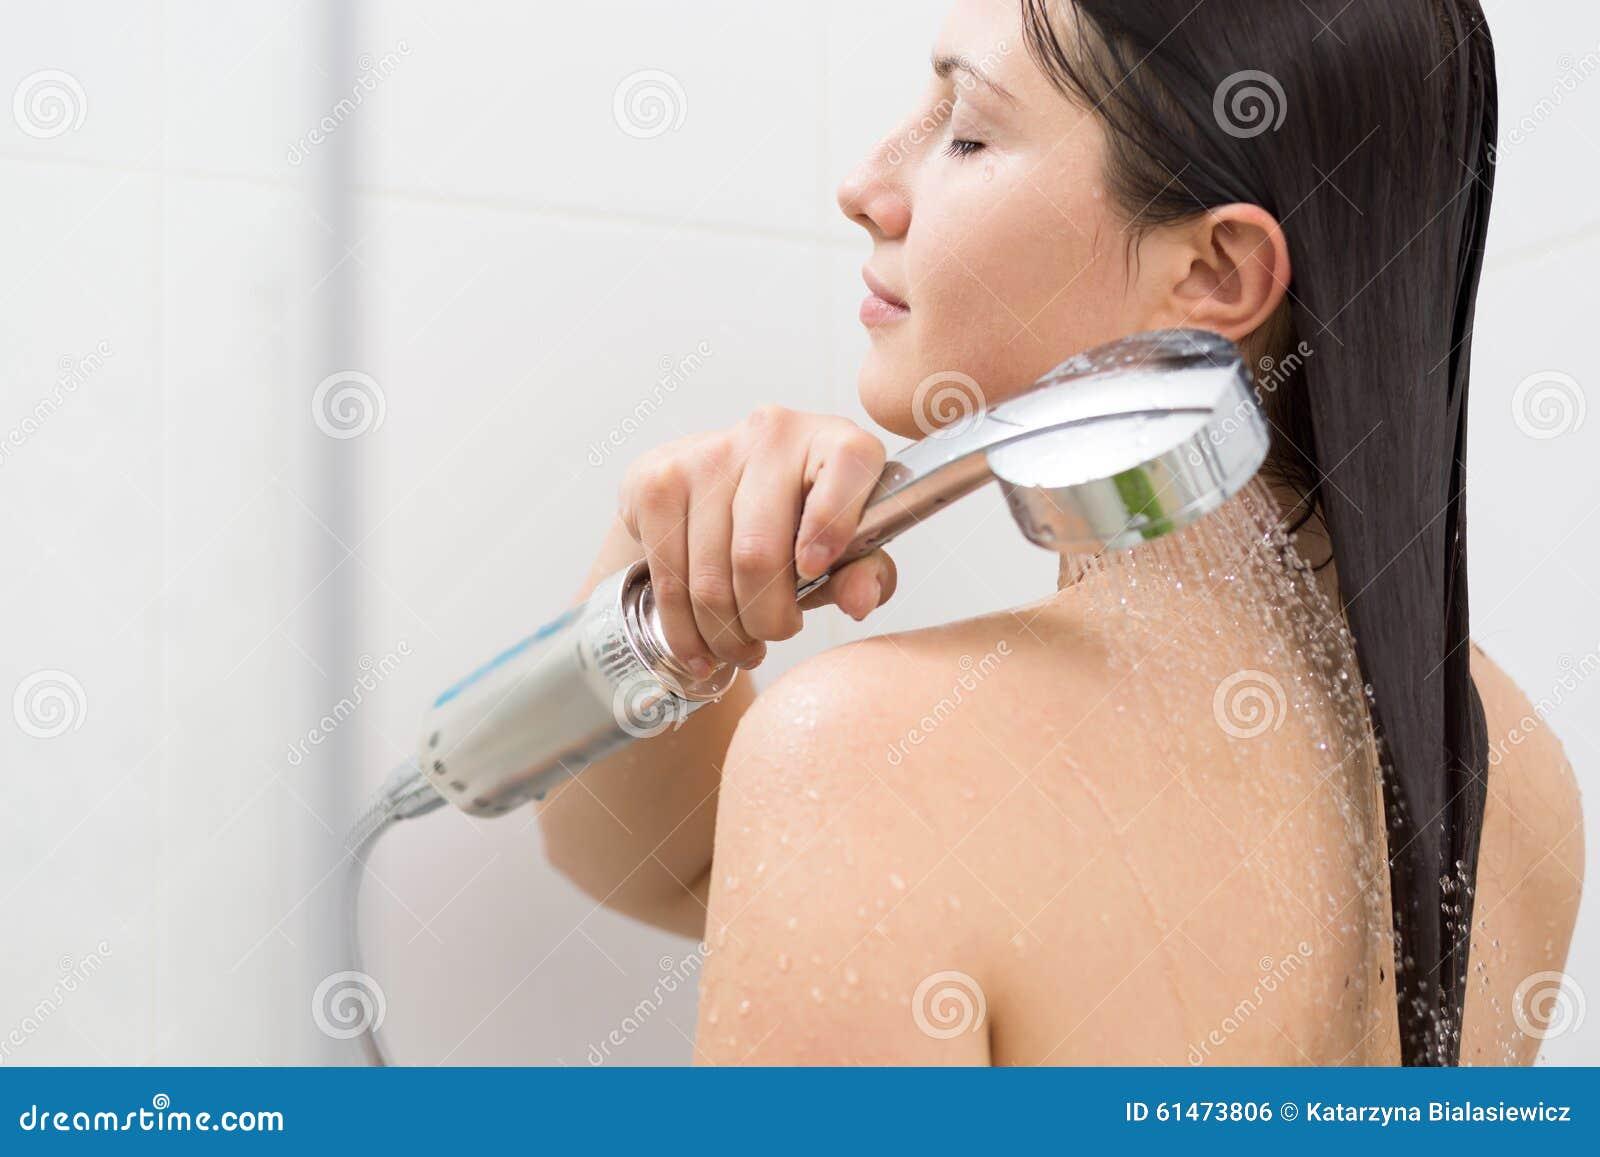 Dando un masaje a una mujer desnuda - Pornes